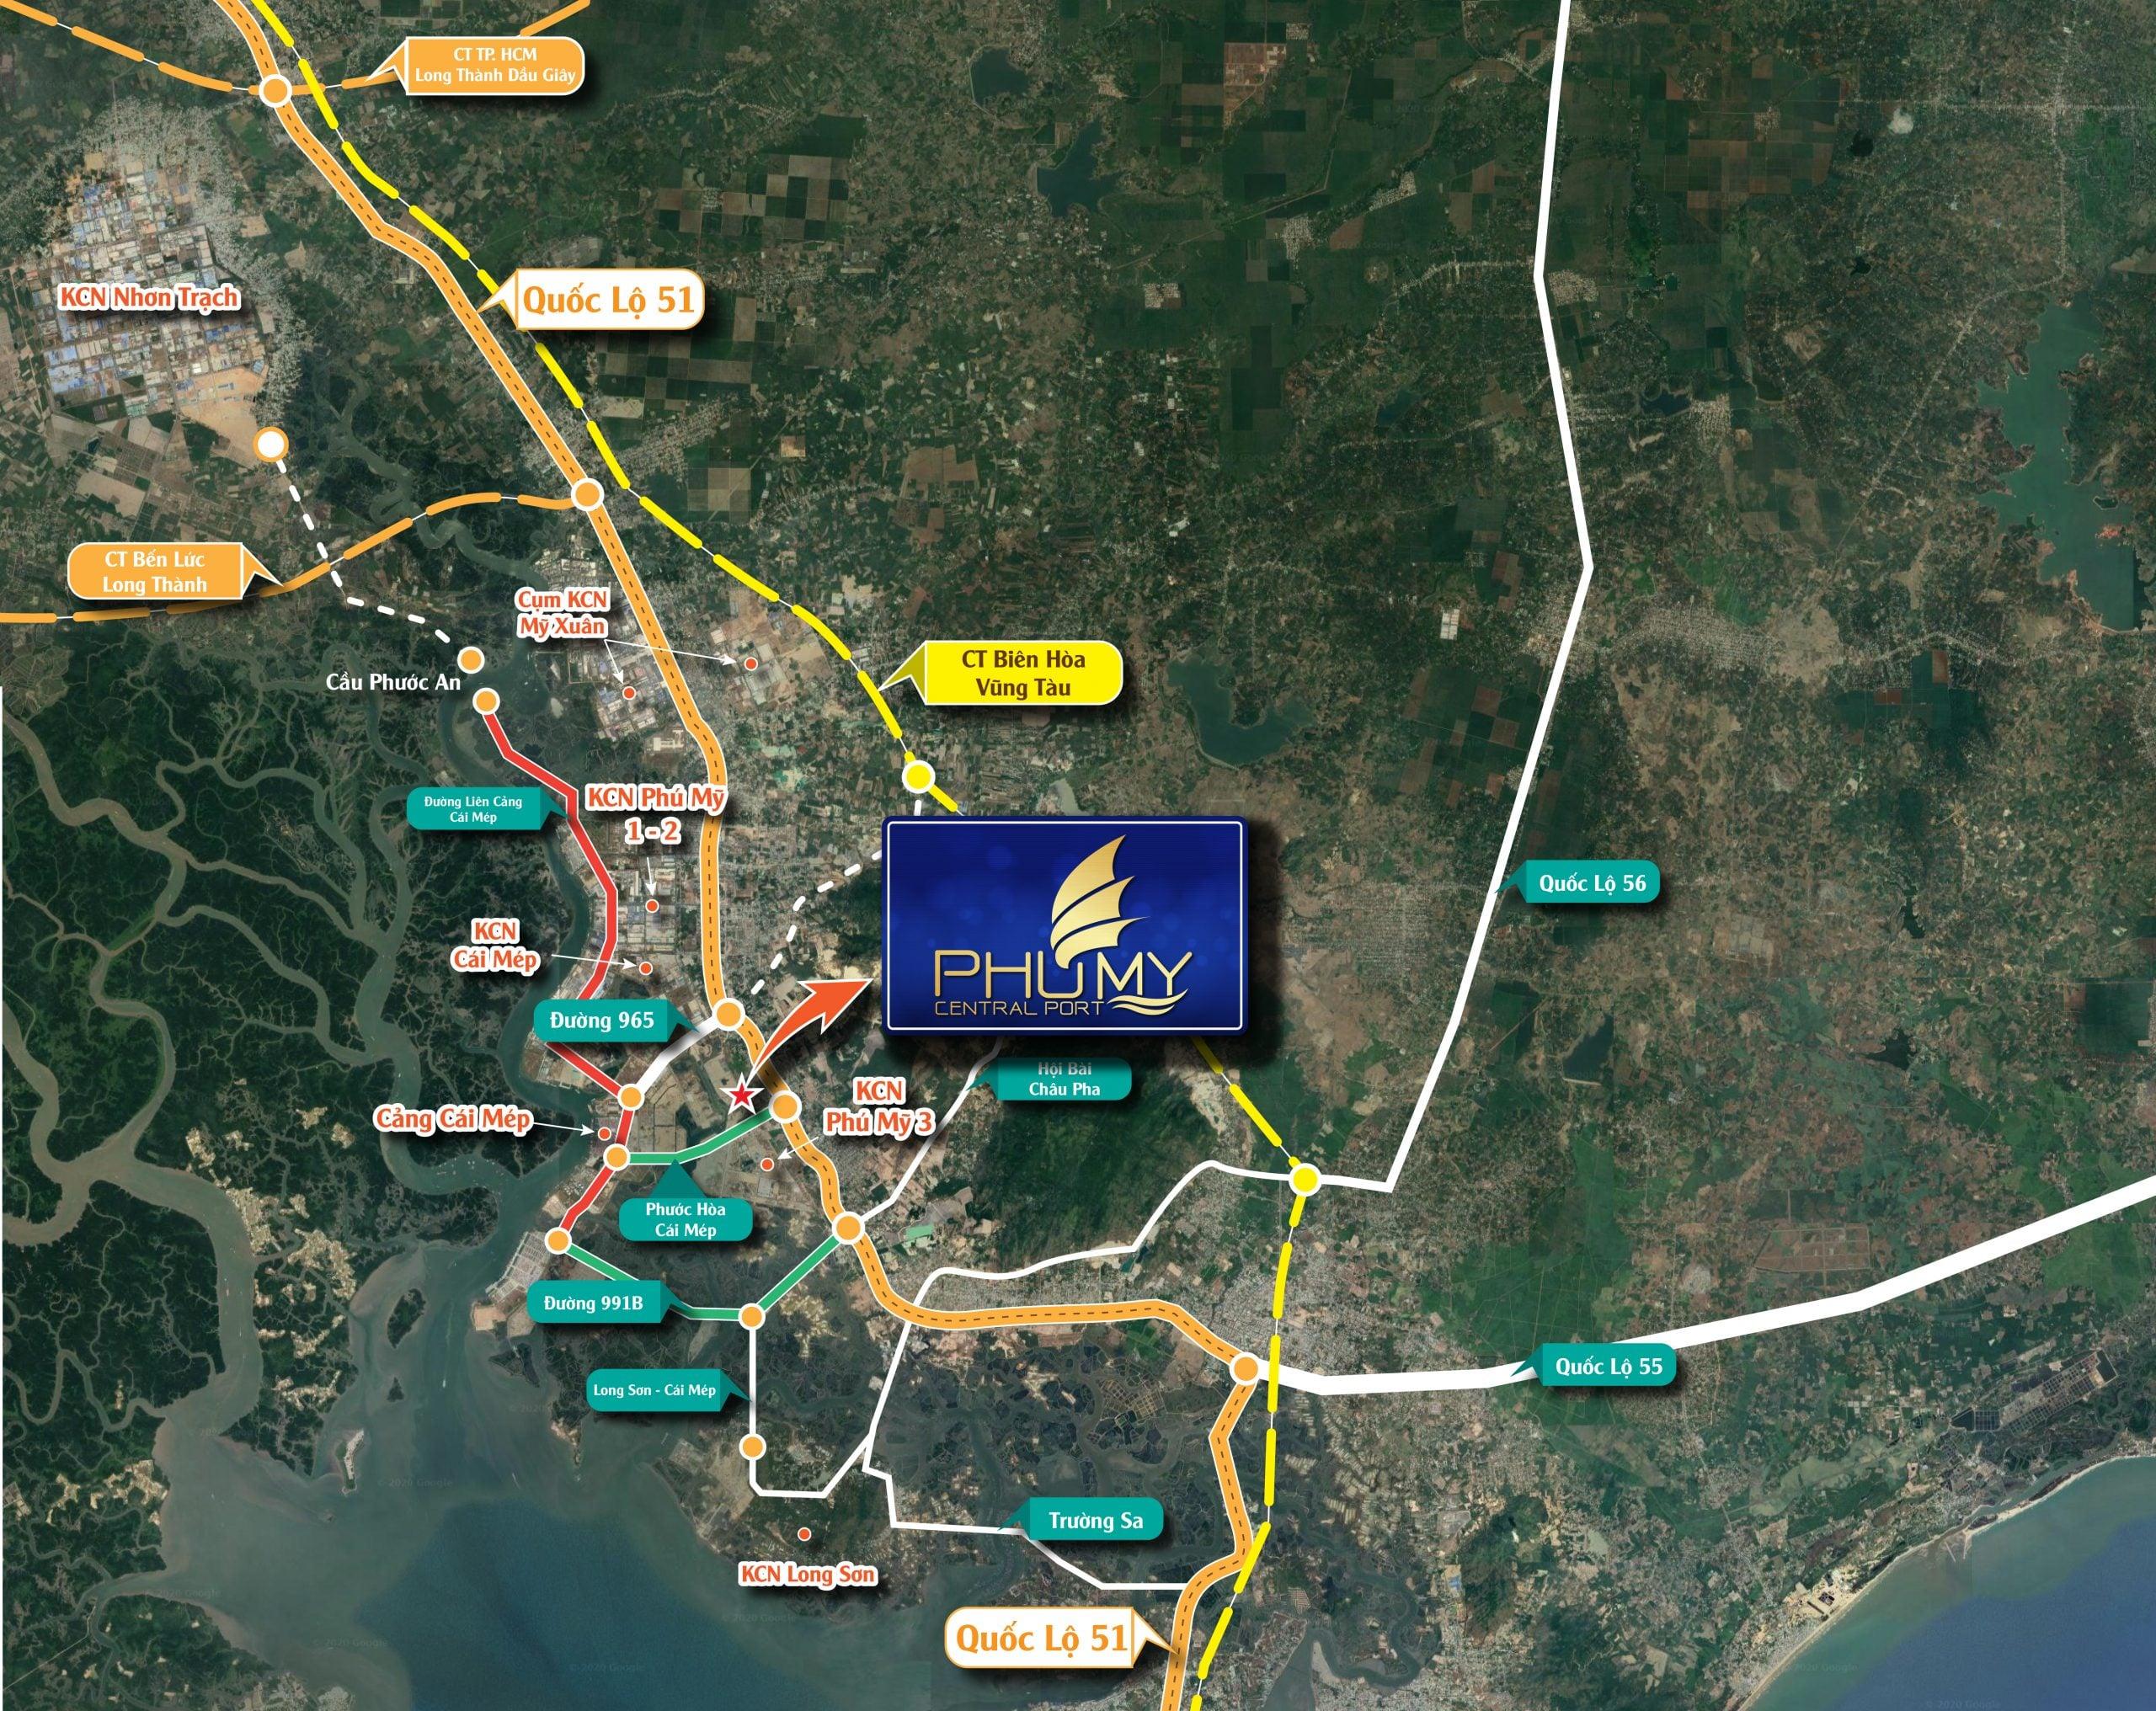 Tiềm năng phát triển bất động sản Phú Mỹ Bà Rịa